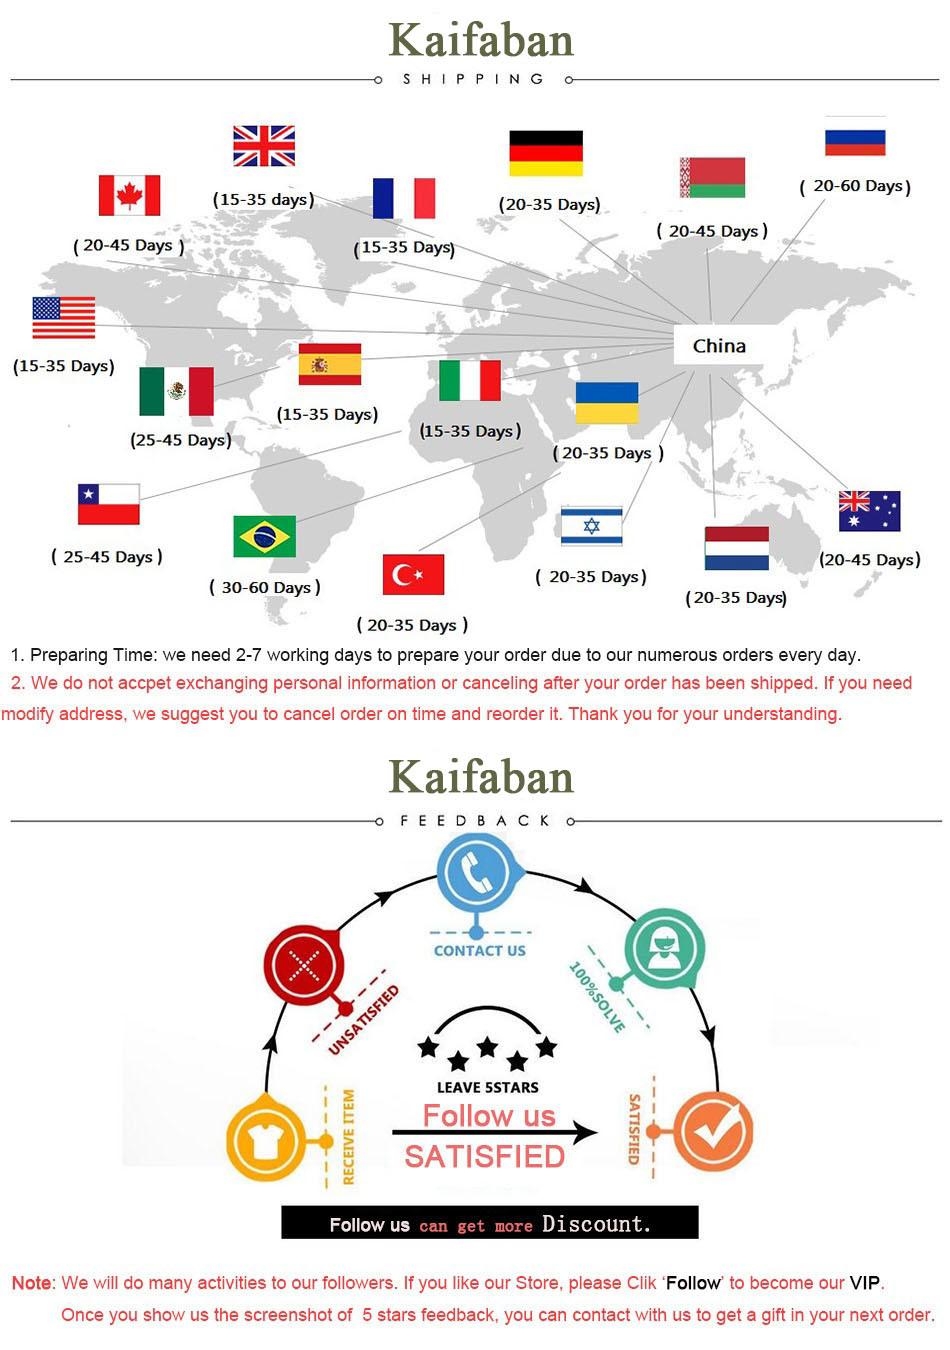 Shipping and Feedback - Kaifaban